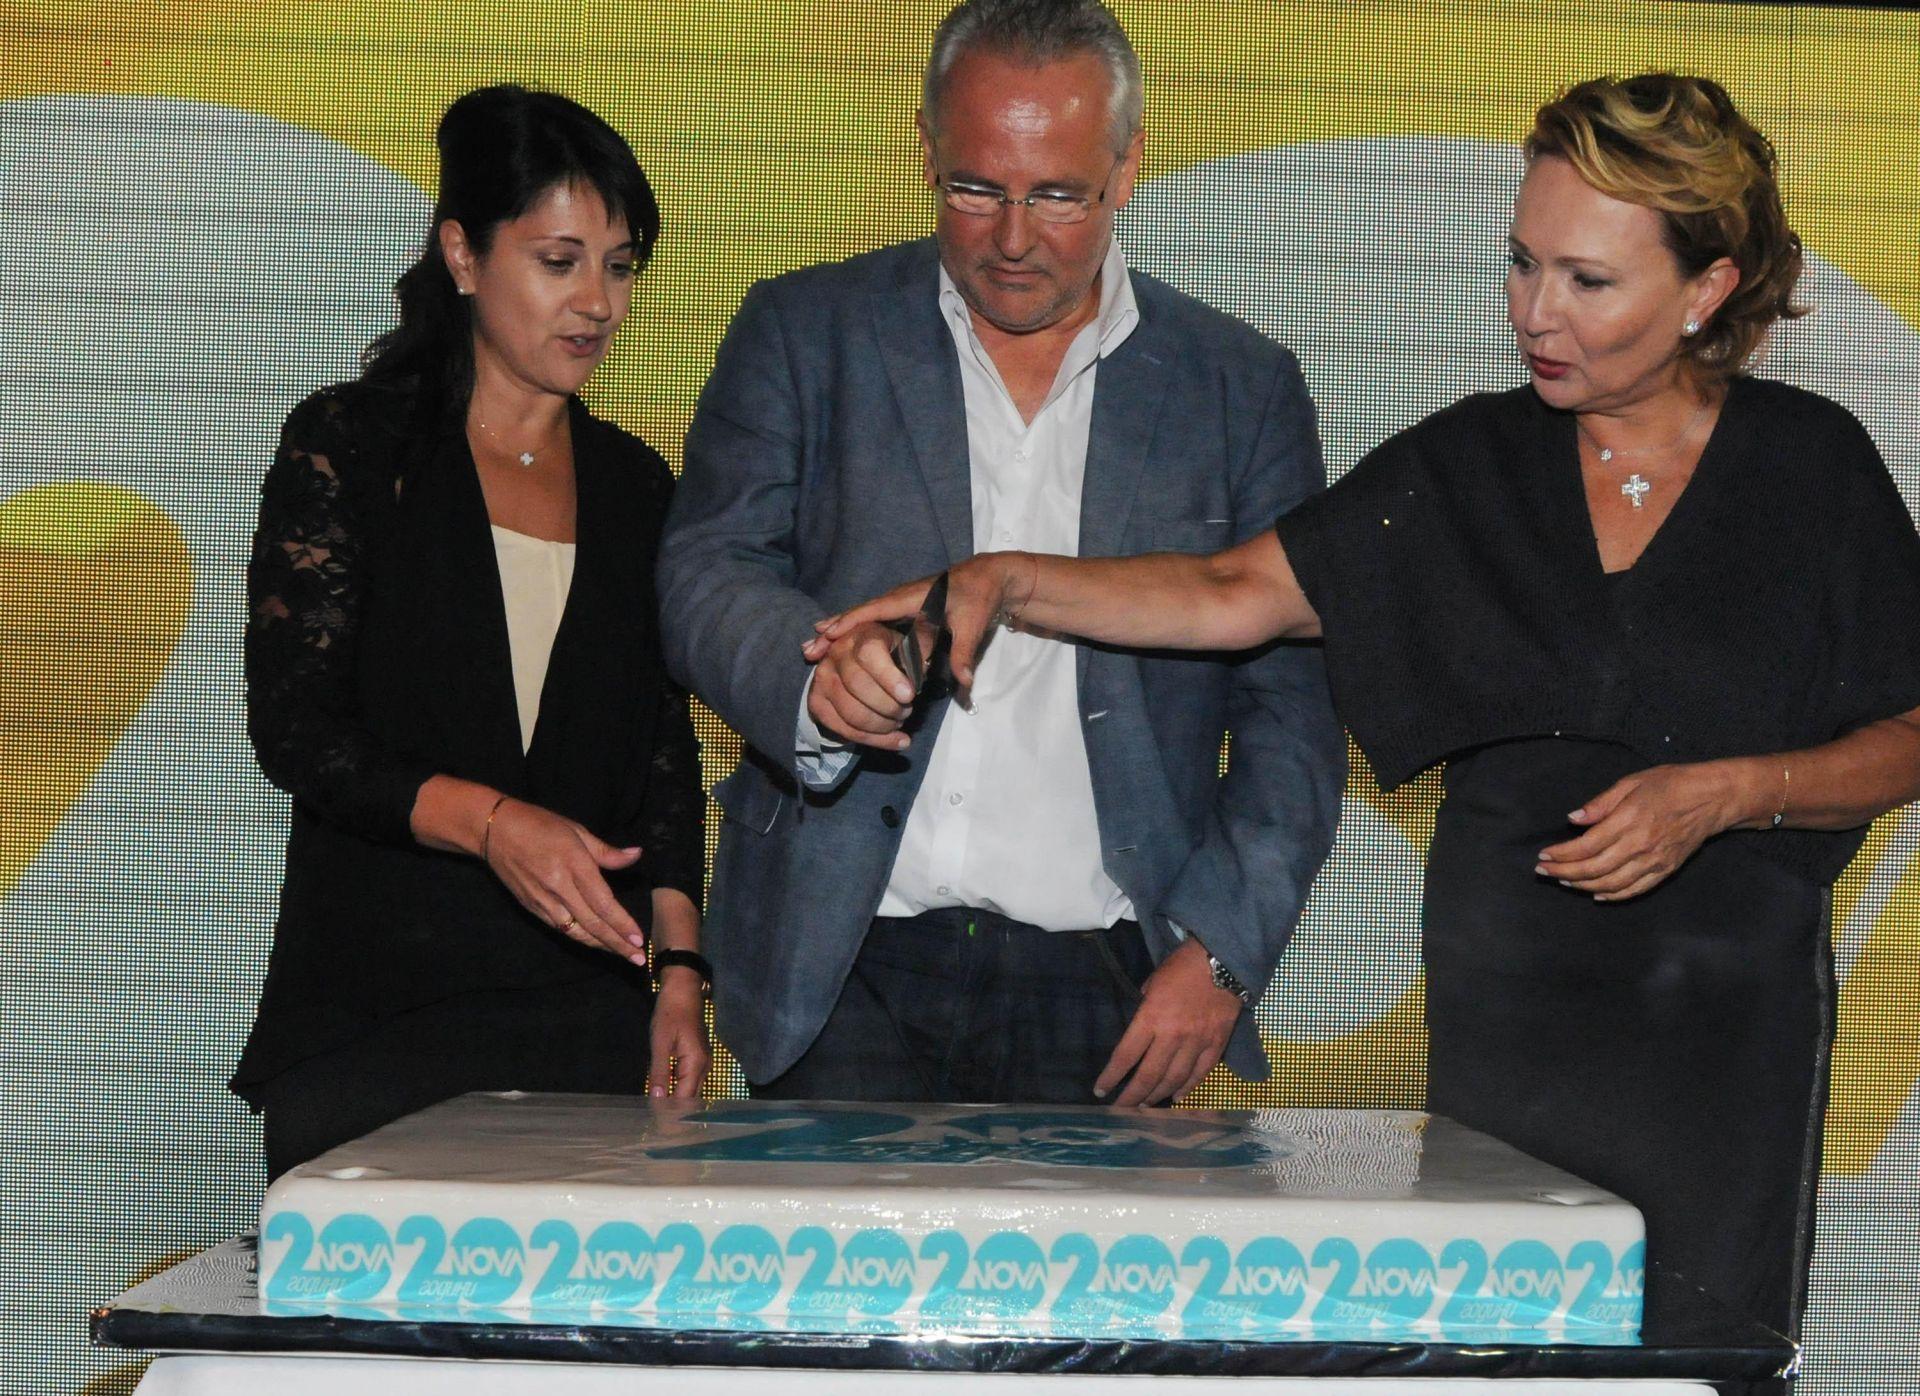 16 септември 2014 г. - Силва Зурлева разрязва тортата за 20-годишнината на Нова телевизия заедно с главния изпълнителен директор Дидие Щосел